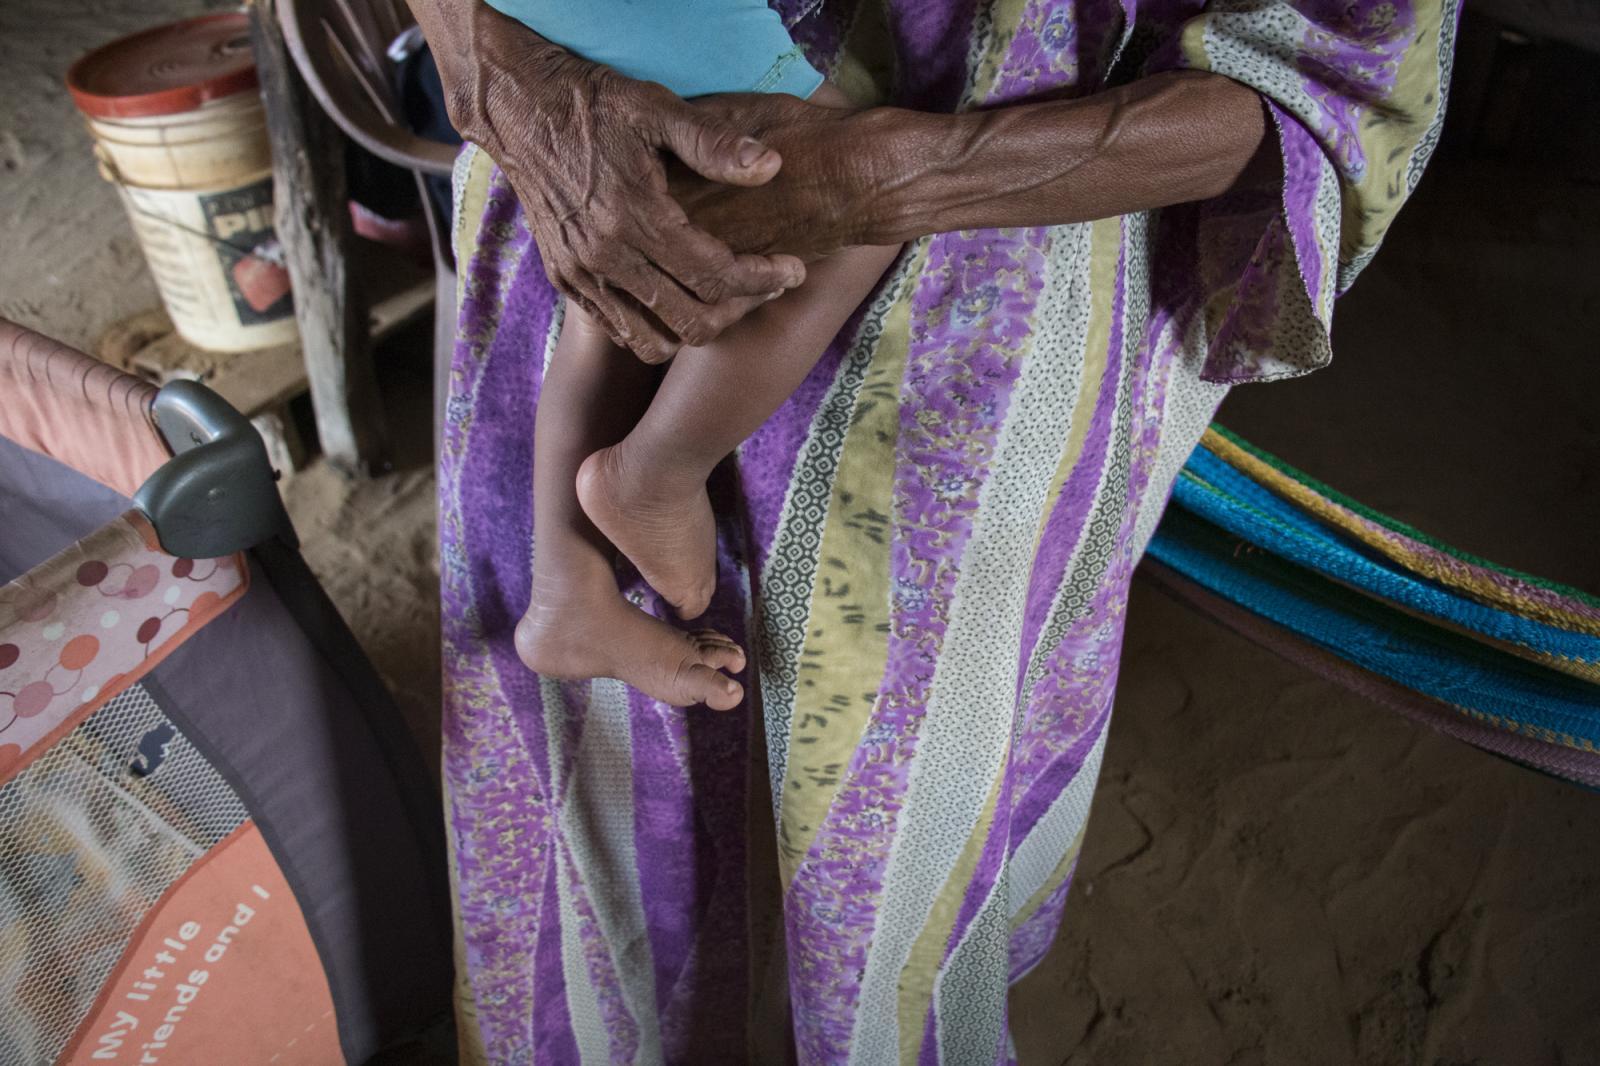 Elvira María, carga en brazos a su nieto Josué de un año, en su casa en el sector Caracolito I en la Alta Guajira, el 3 de agosto de 2016. Los wayuú, etnia de la guajira venezolana, se han visto afectados por la profunda crisis que atraviesa Venezuela, confirmándose la muerte por desnutrición de dos niños hermanos.